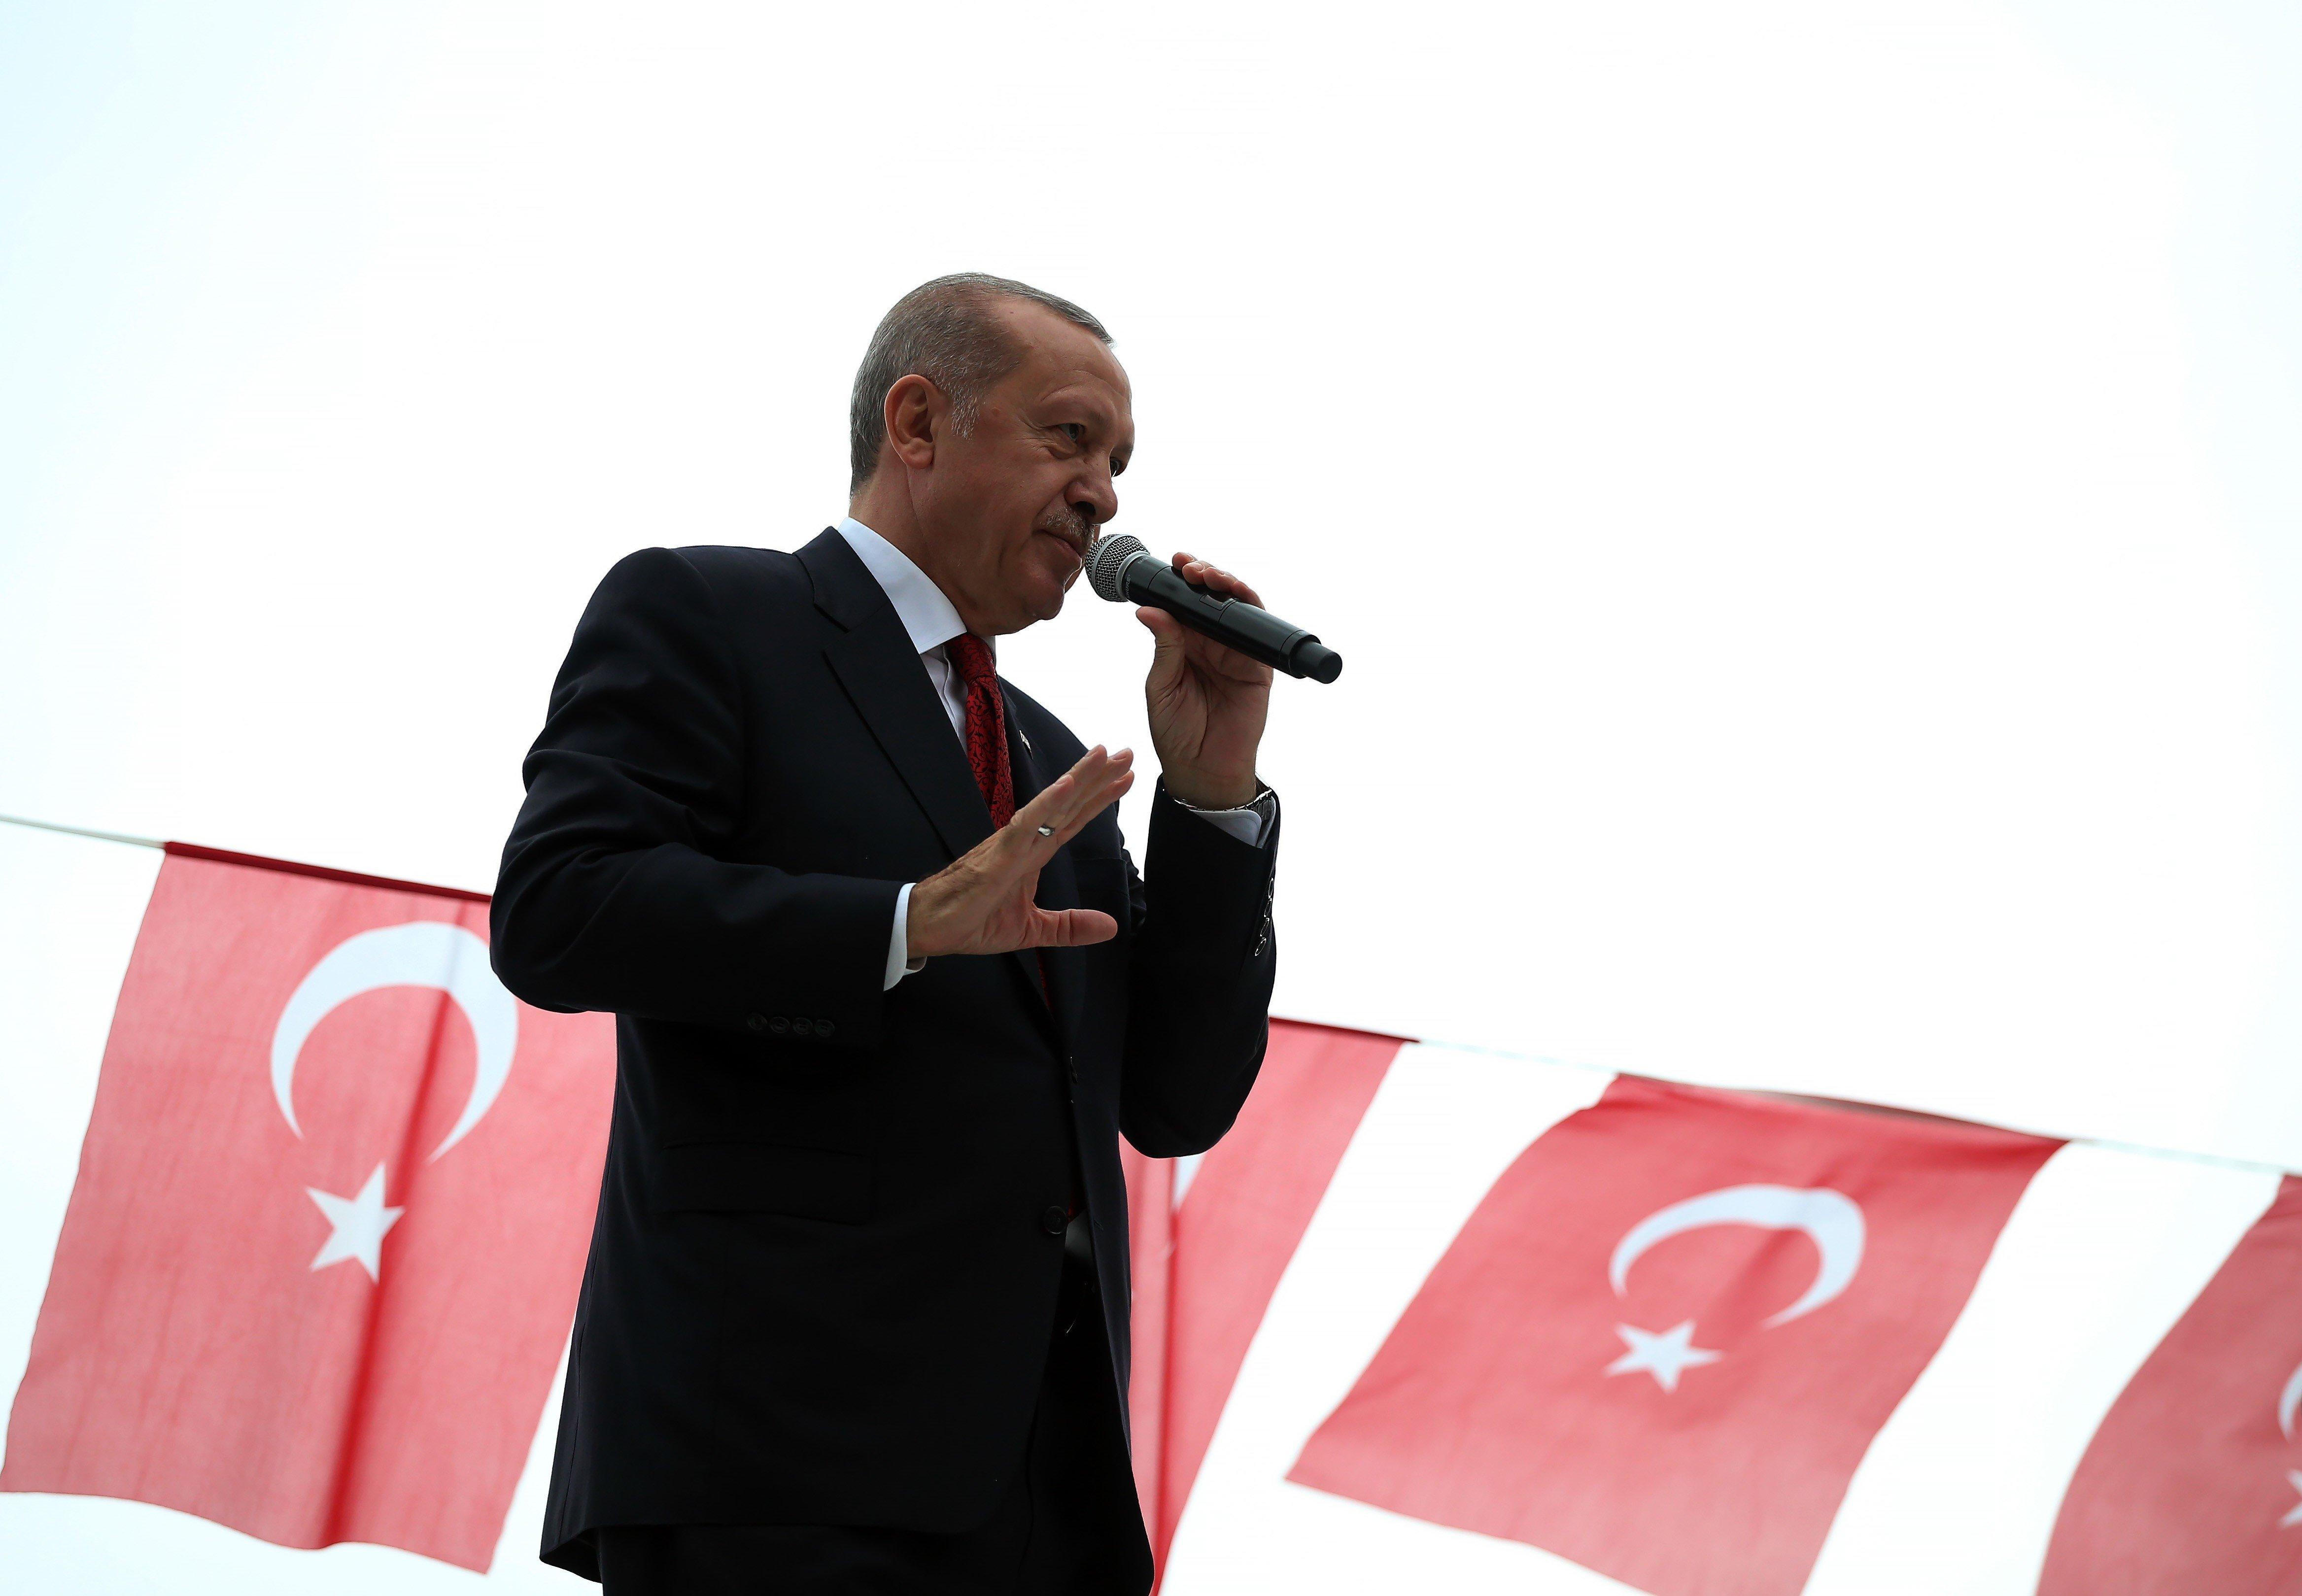 터키가 '경제전쟁' 미국을 비난하며 '동맹 깰 수도 있다'고 위협하다